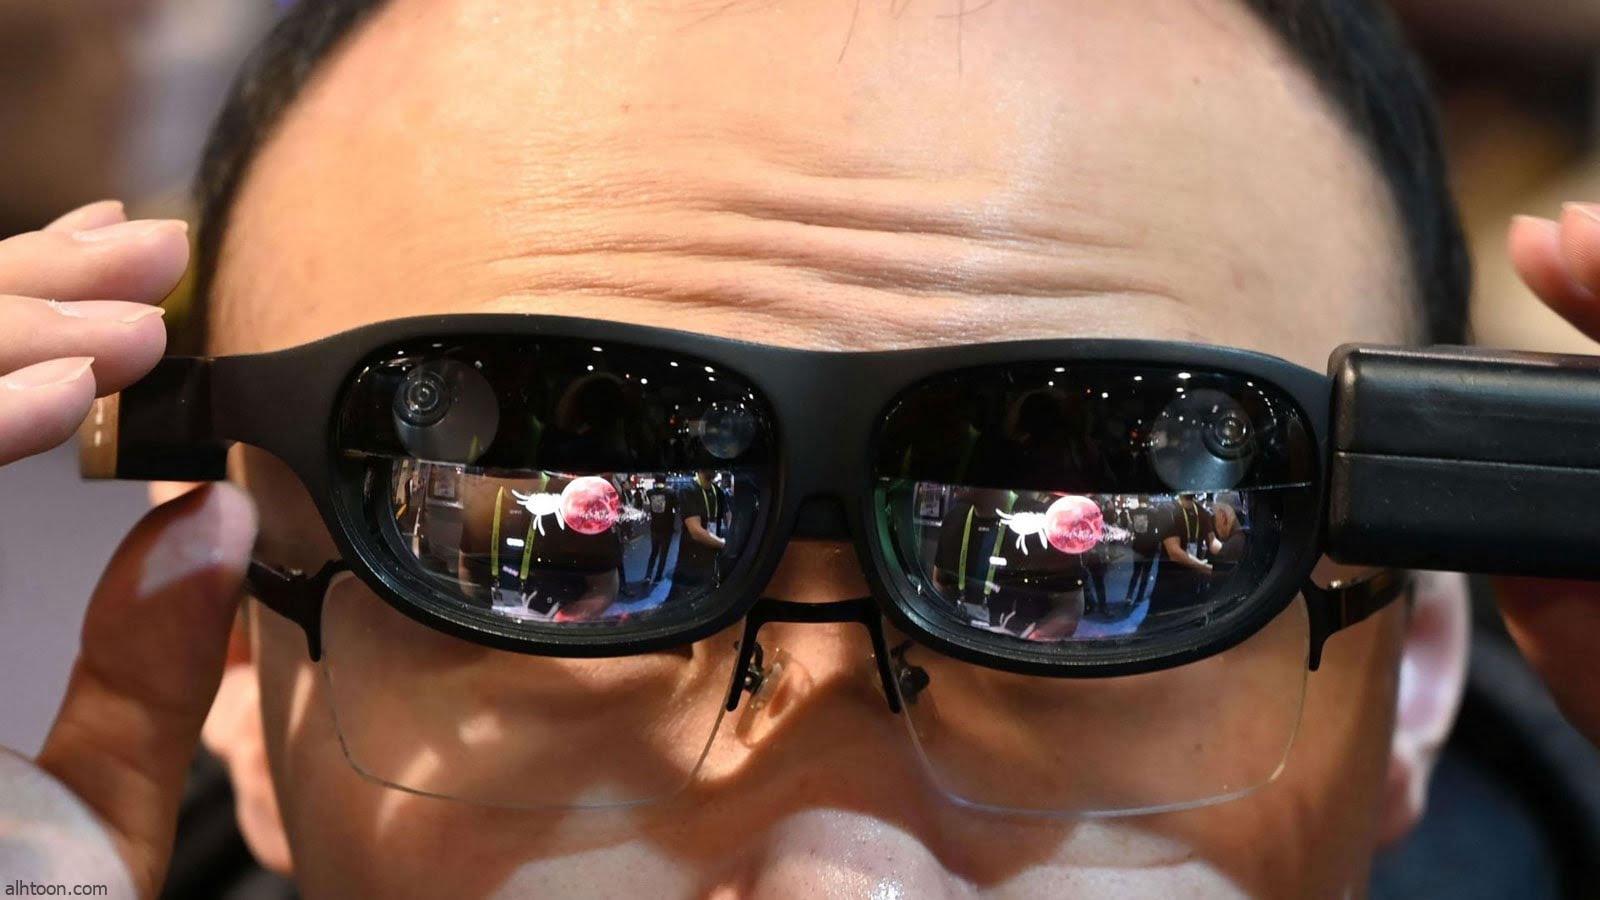 مواصفات جديدة للنظارة الذكية - صحيفة هتون الدولية